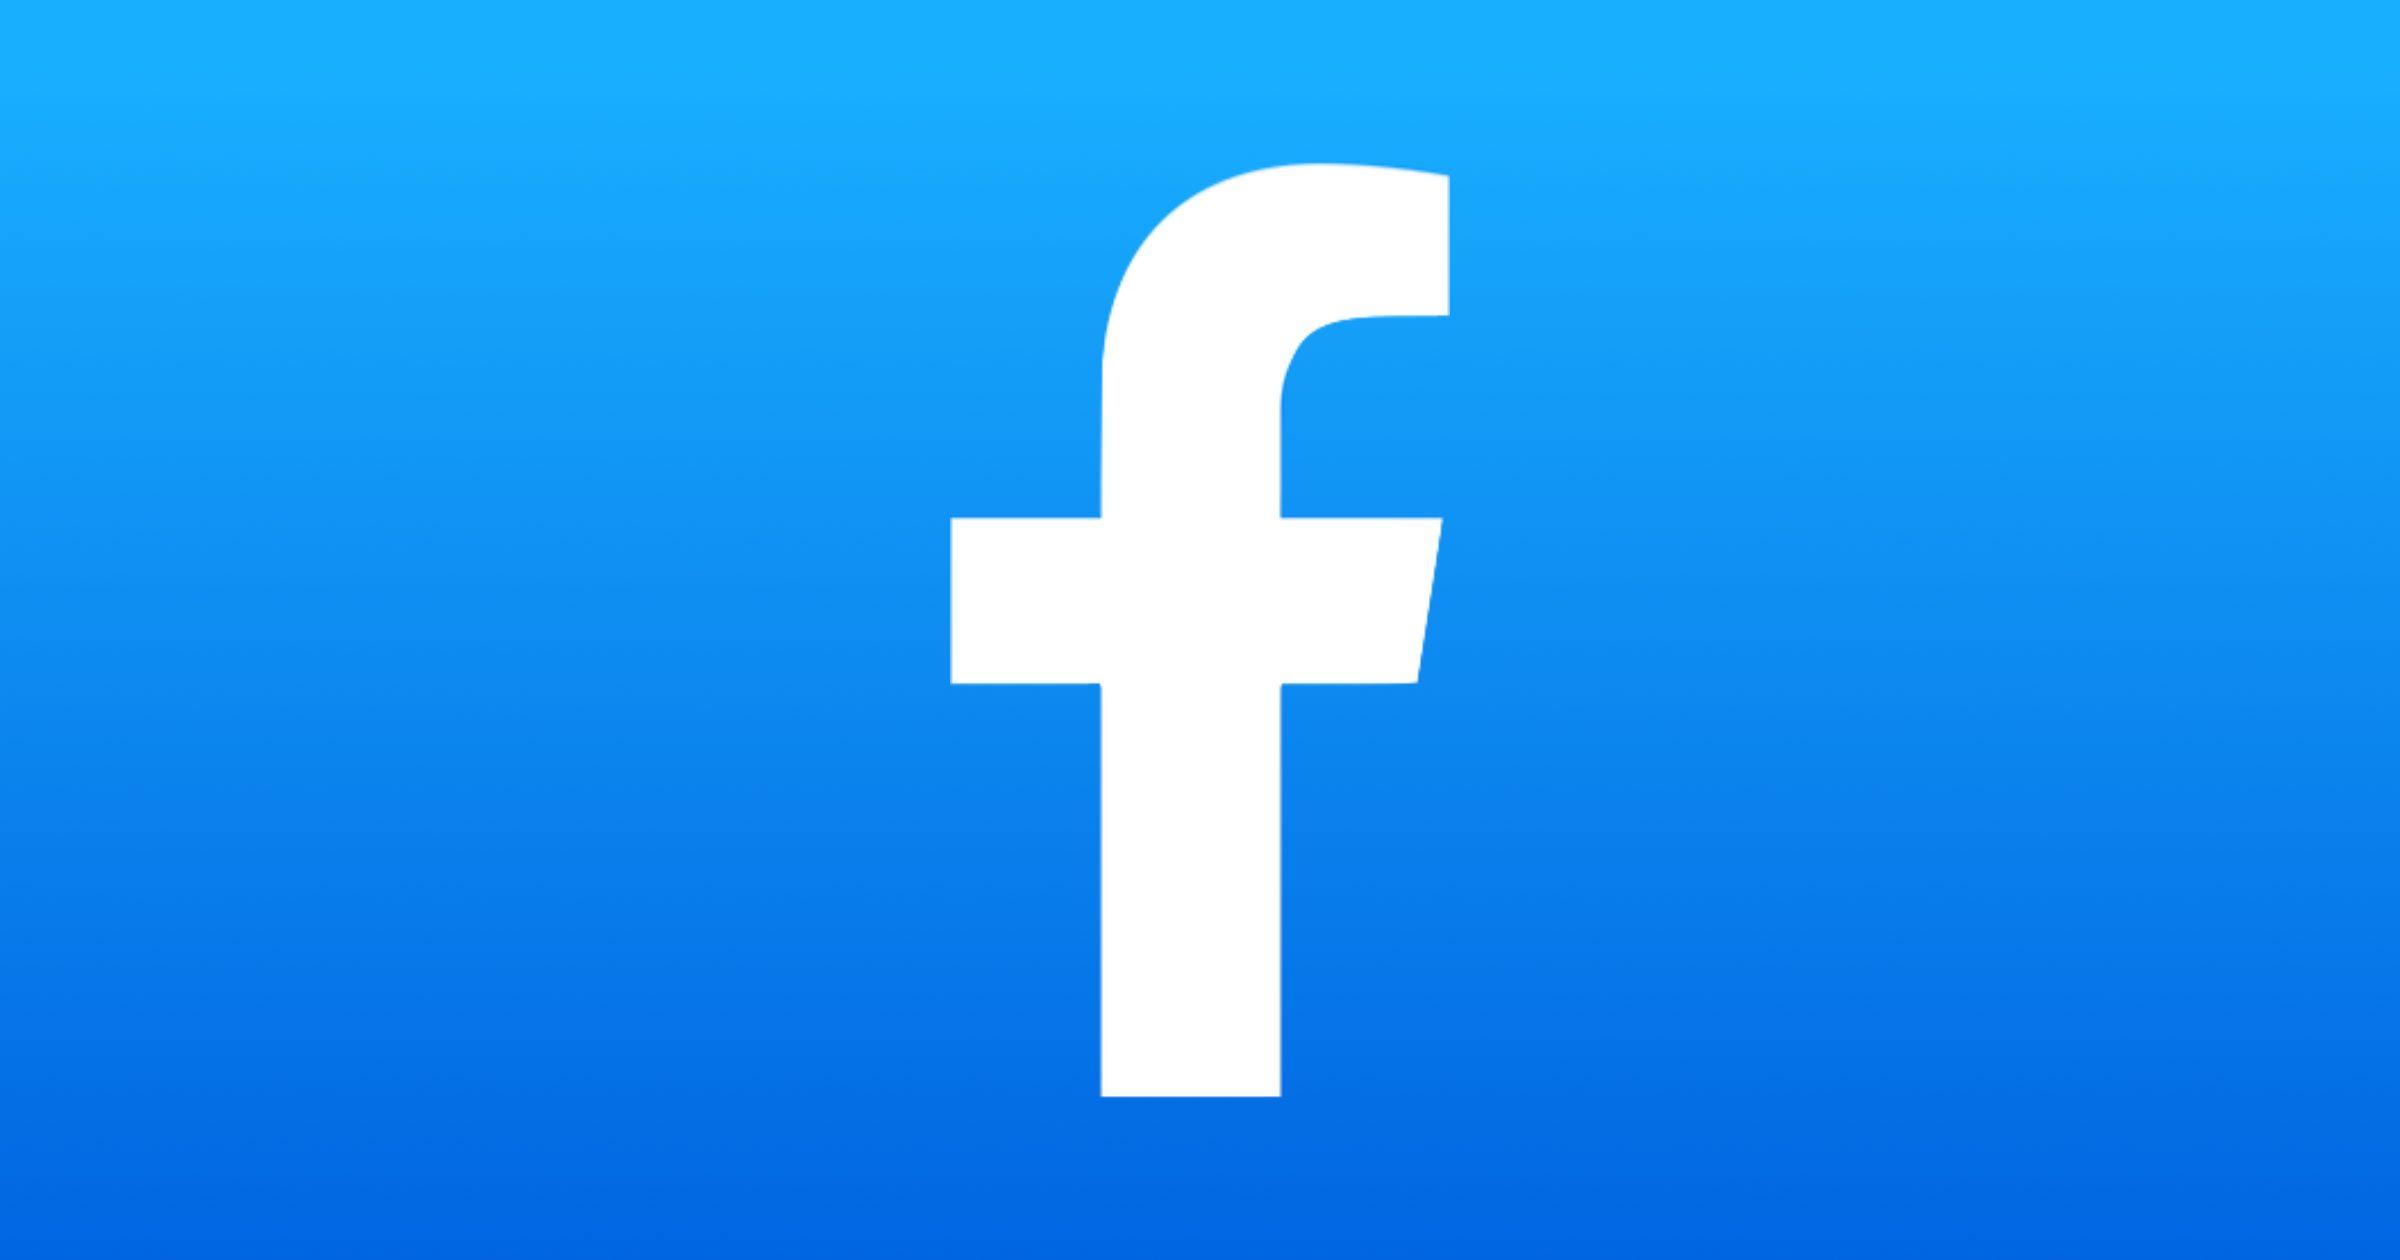 Facebook Refuses to Fact-Check Politicians